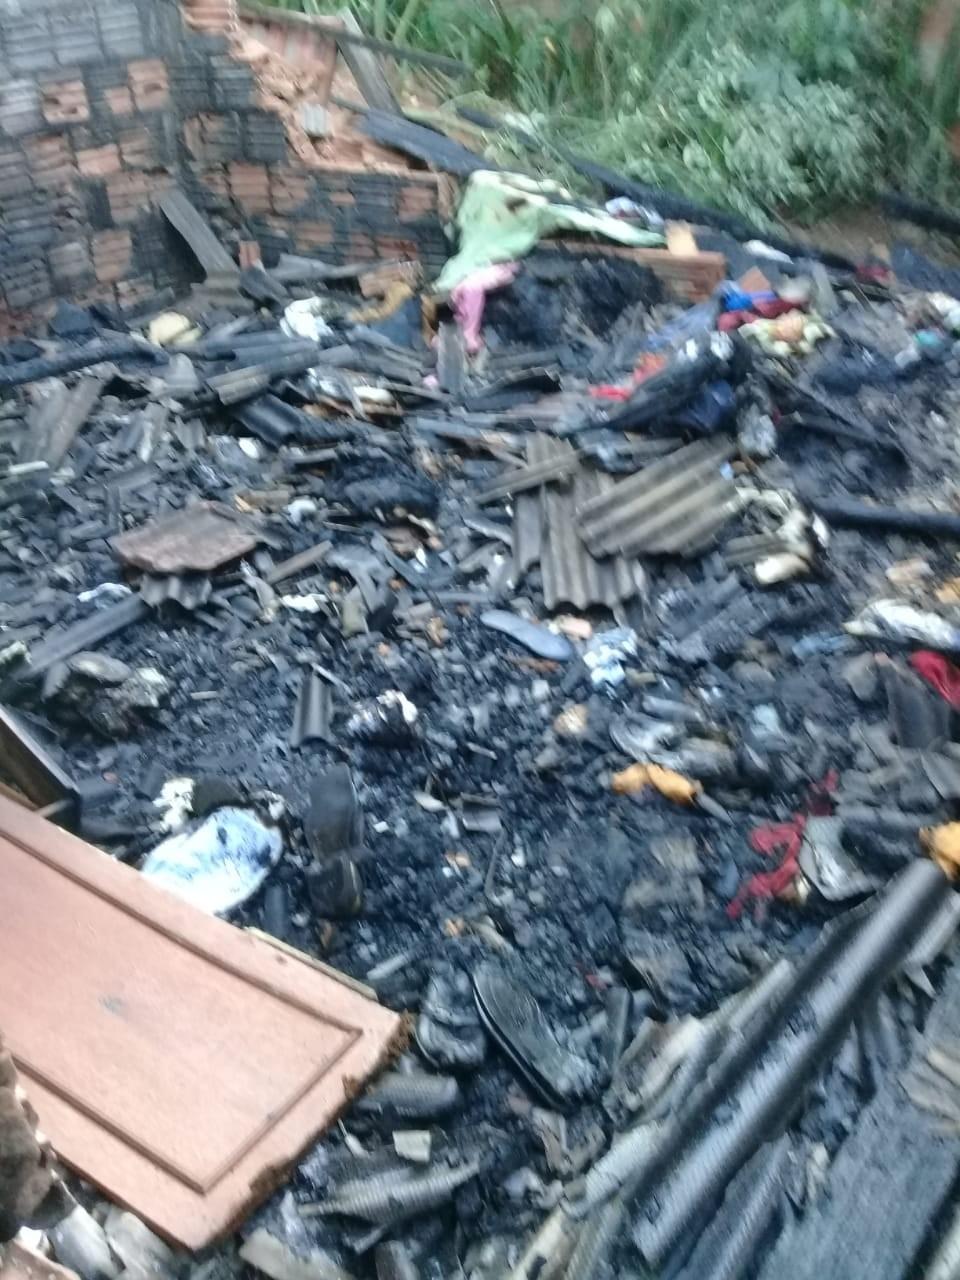 Briga entre irmãos termina com casa incendiada no bairro Santa Luzia, em Presidente Prudente